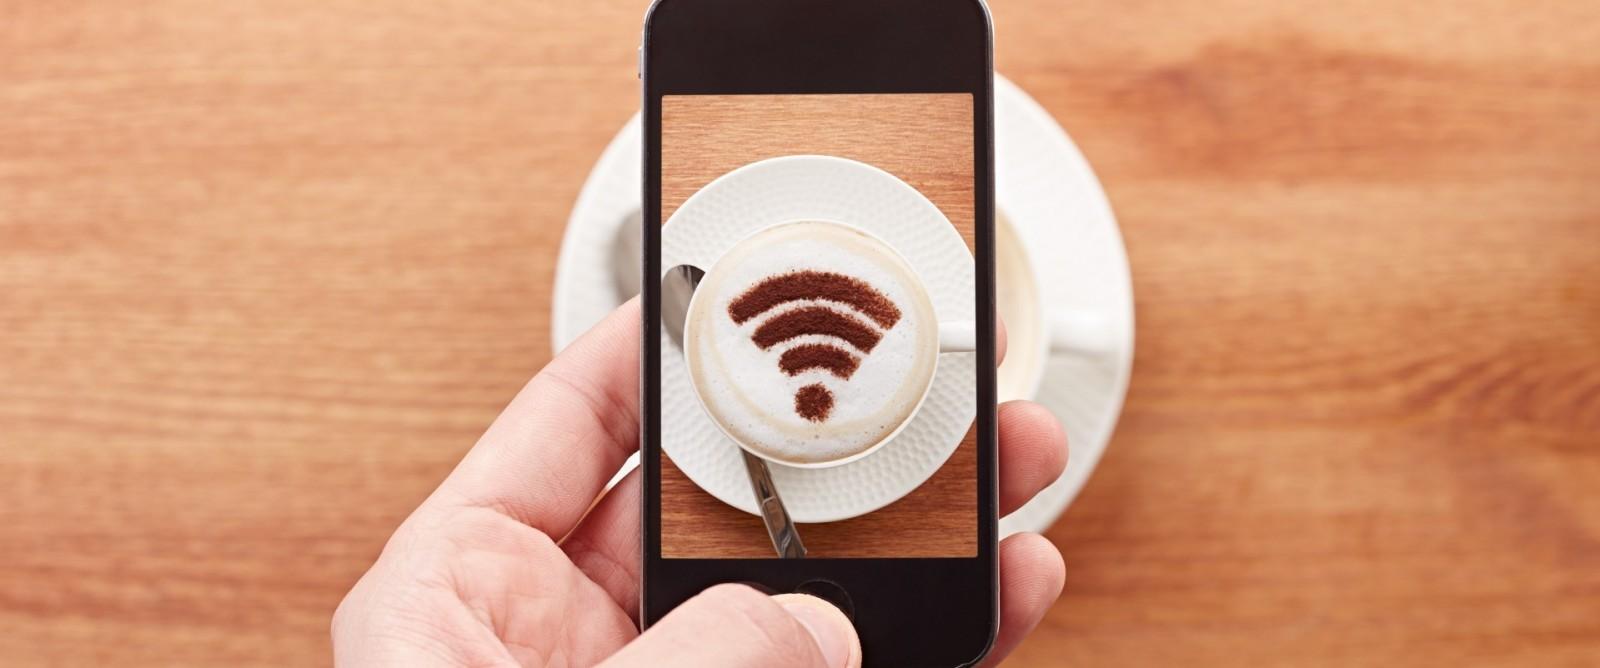 Cara Menggunakan WiFi Di Tempat Umum Dengan Aman (Bagian 2)